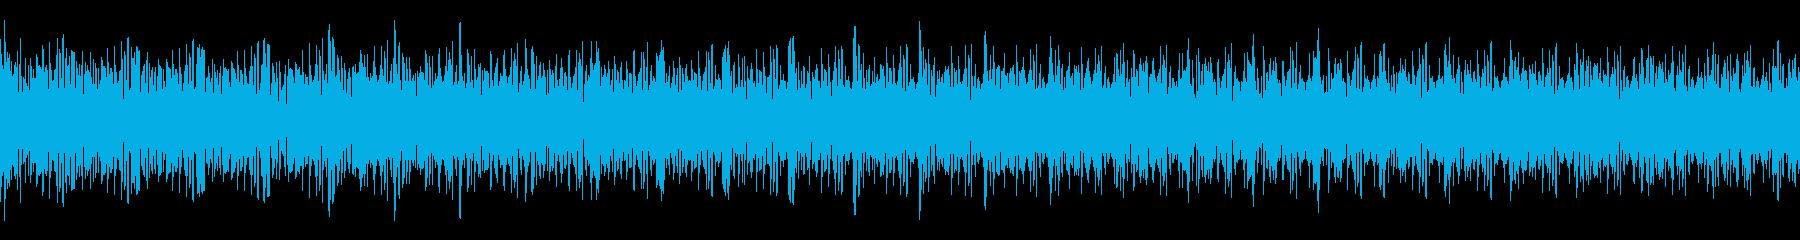 ガガガガガガ (ループ仕様のマシンガン)の再生済みの波形